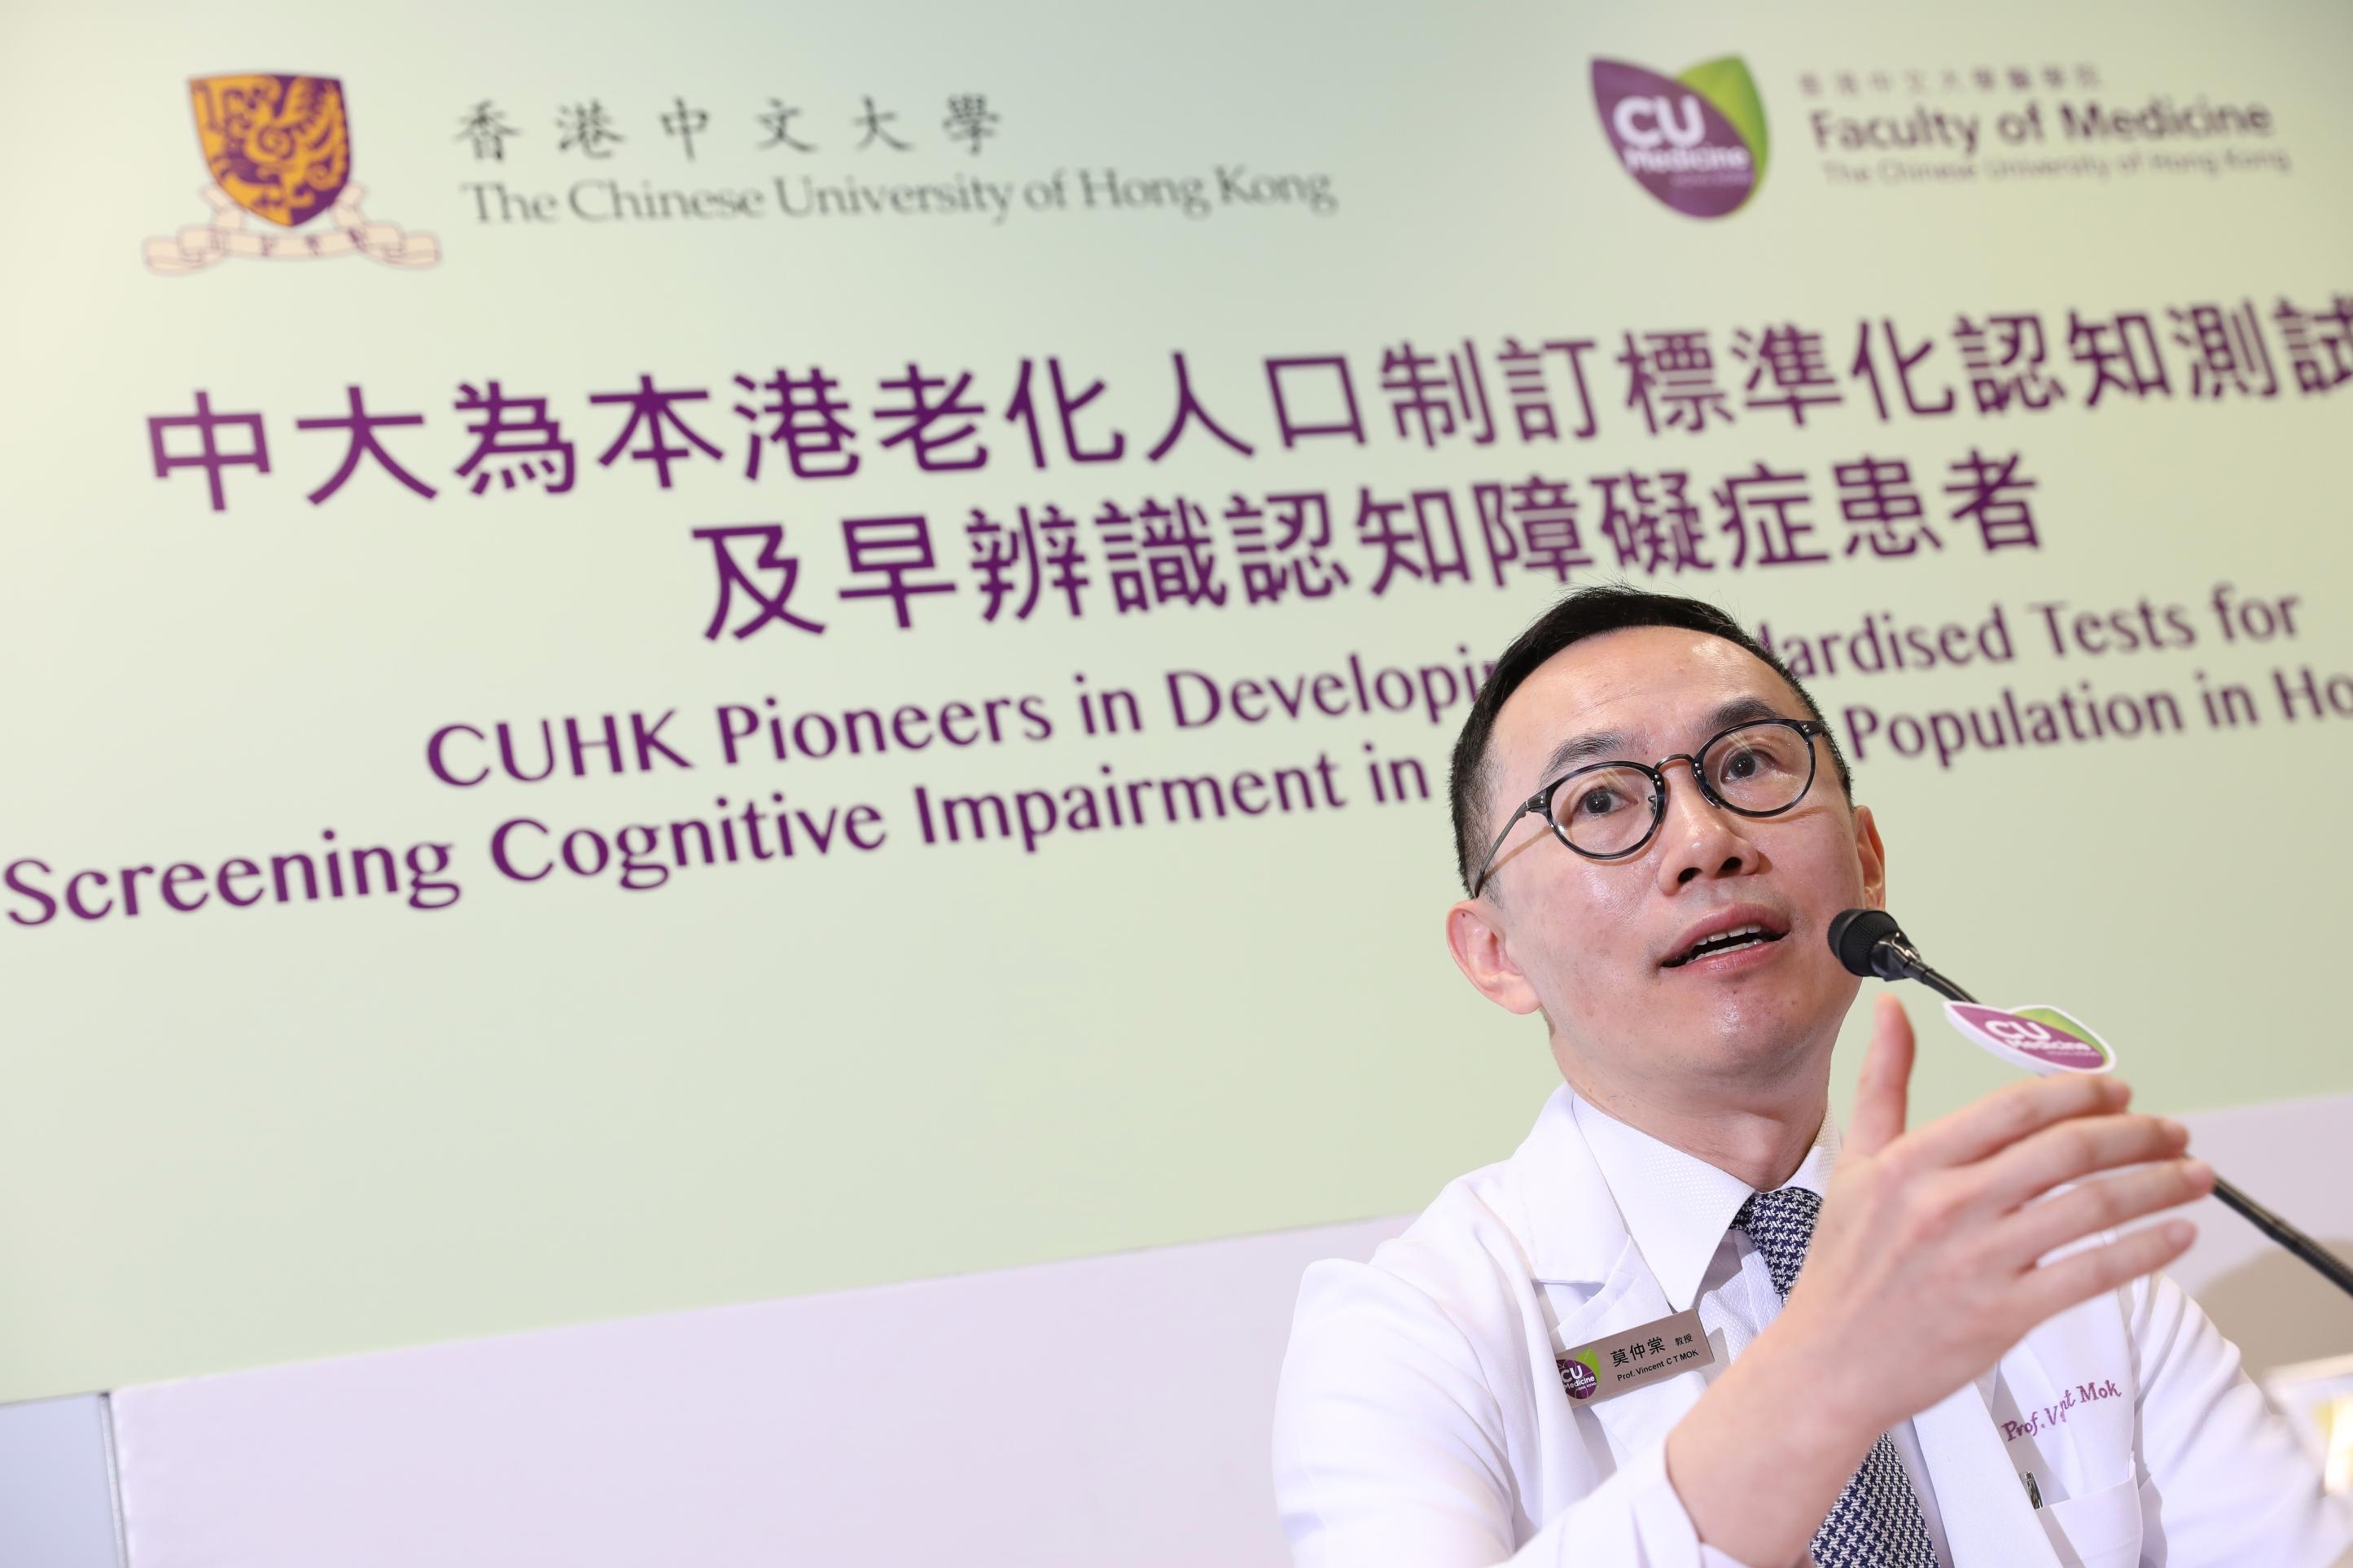 莫仲棠教授表示两套测试现为香港医护及社福专业人员广泛采用。团队由2016年至今已培训超过4,500位来自全港不同医院及非牟利机构的社福及医护专业人员。